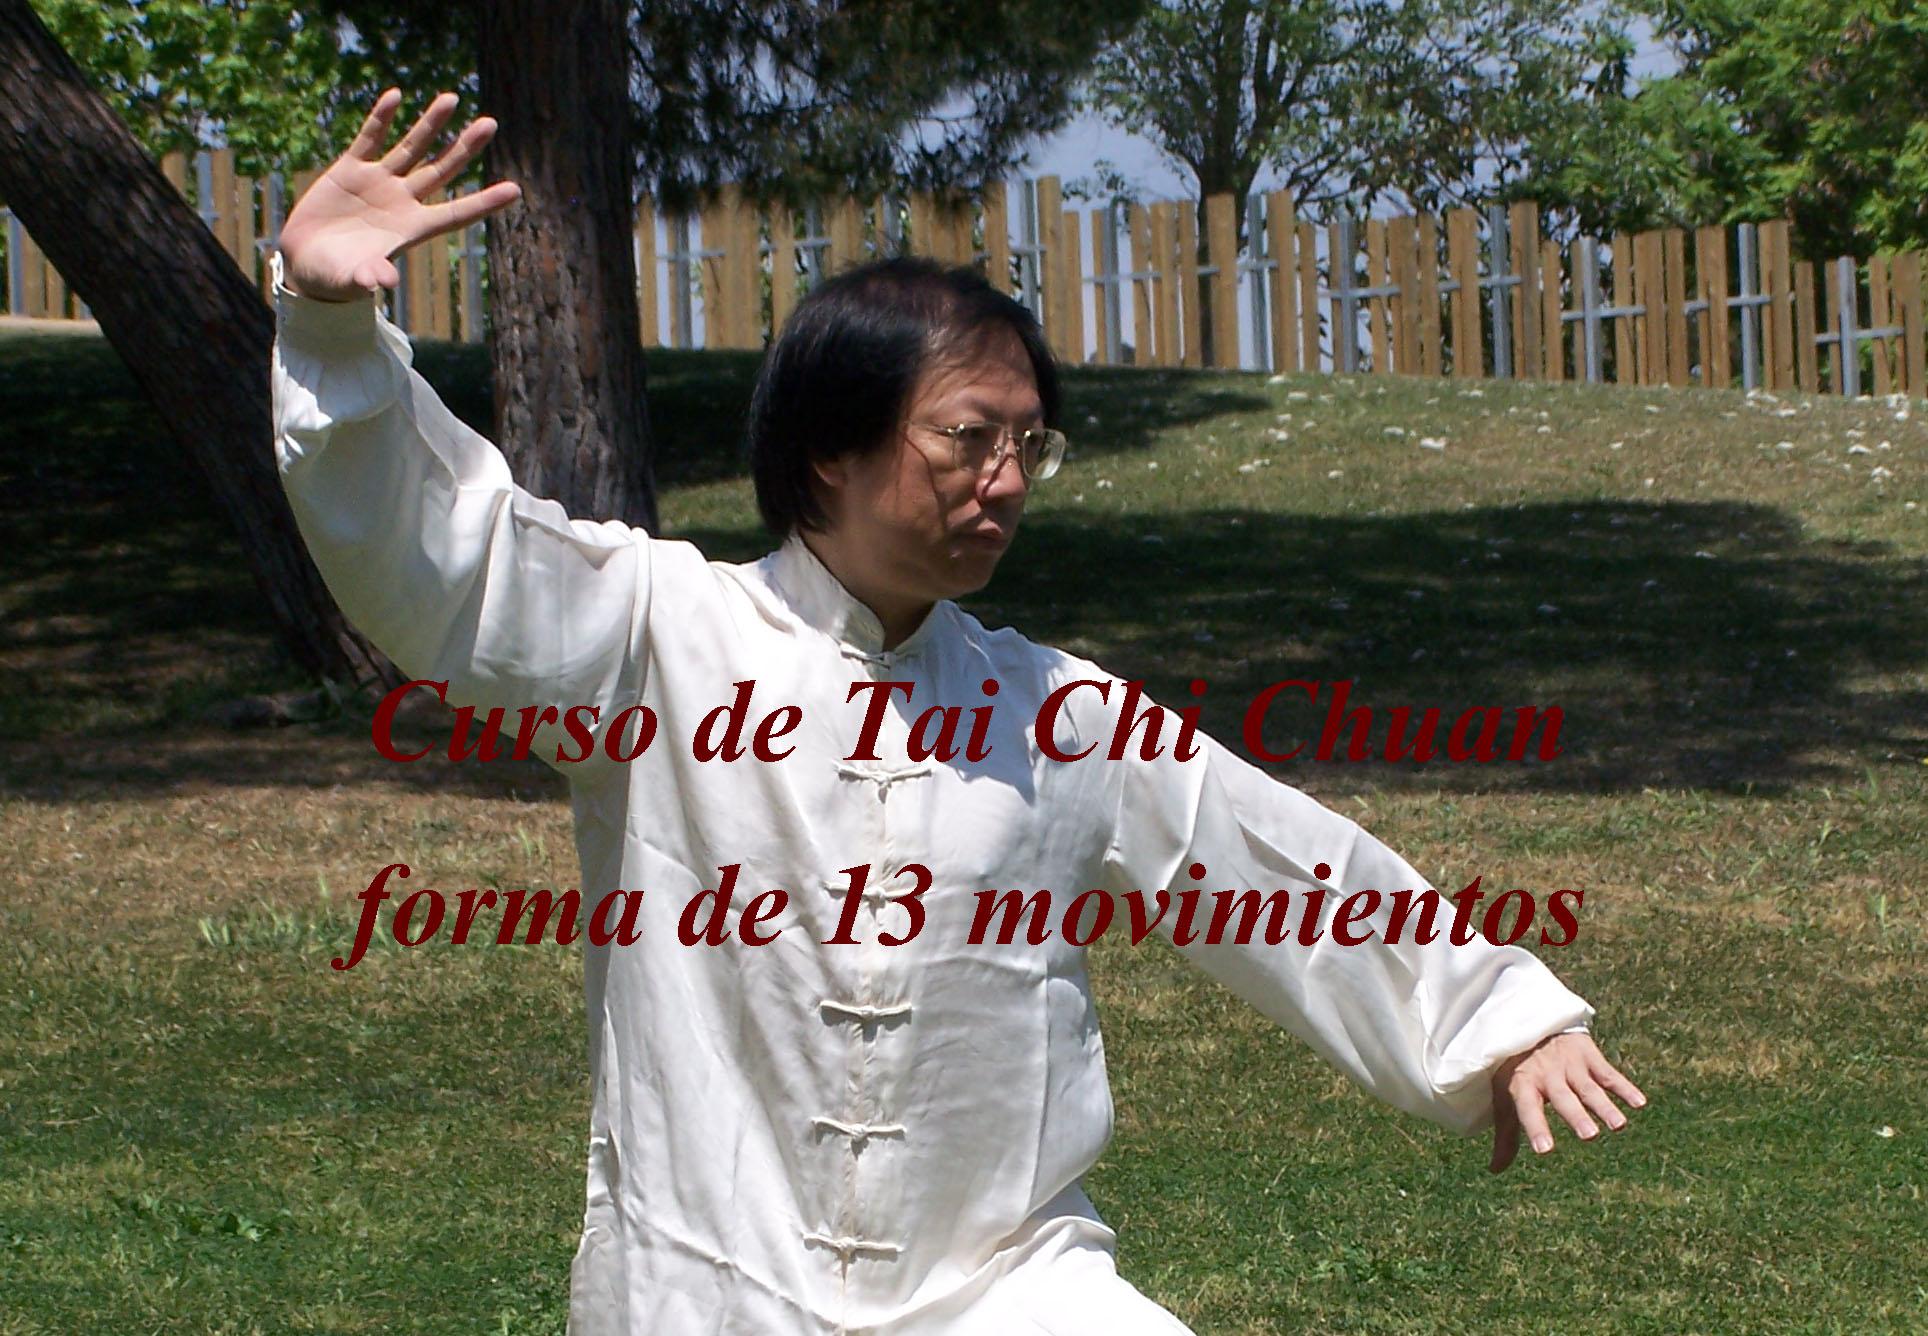 Forma de Tai Chi Chuan de 13 movimientos estilo Yang